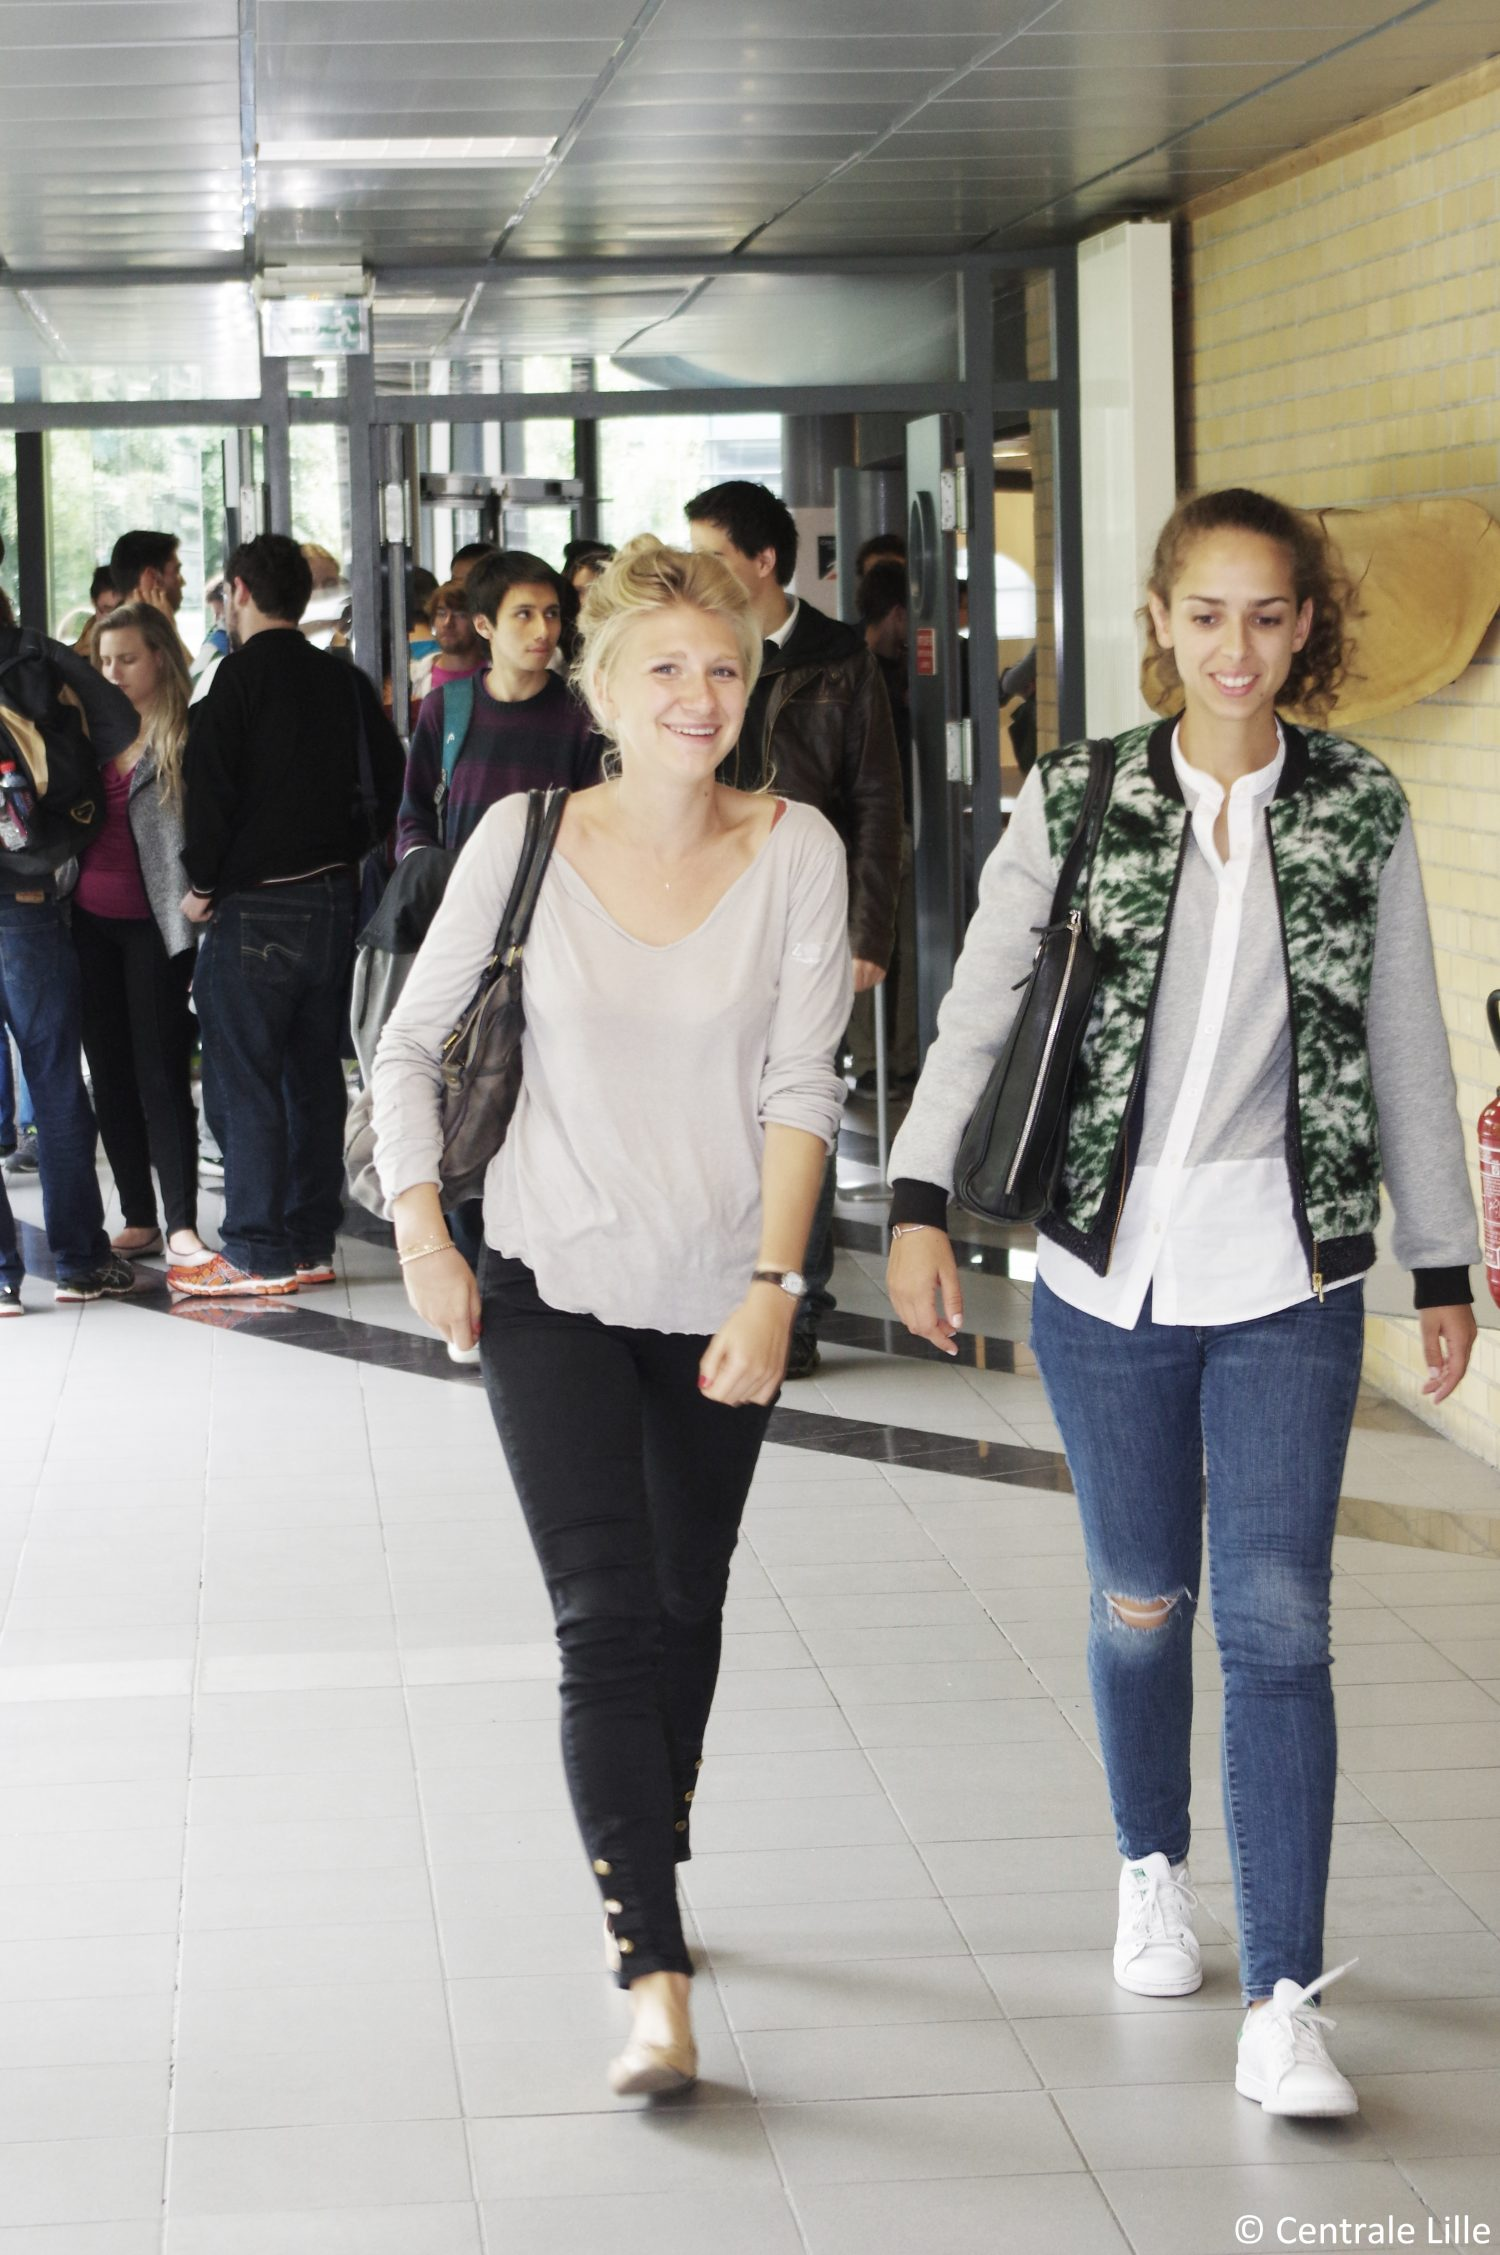 Etudiant Centrale Lille